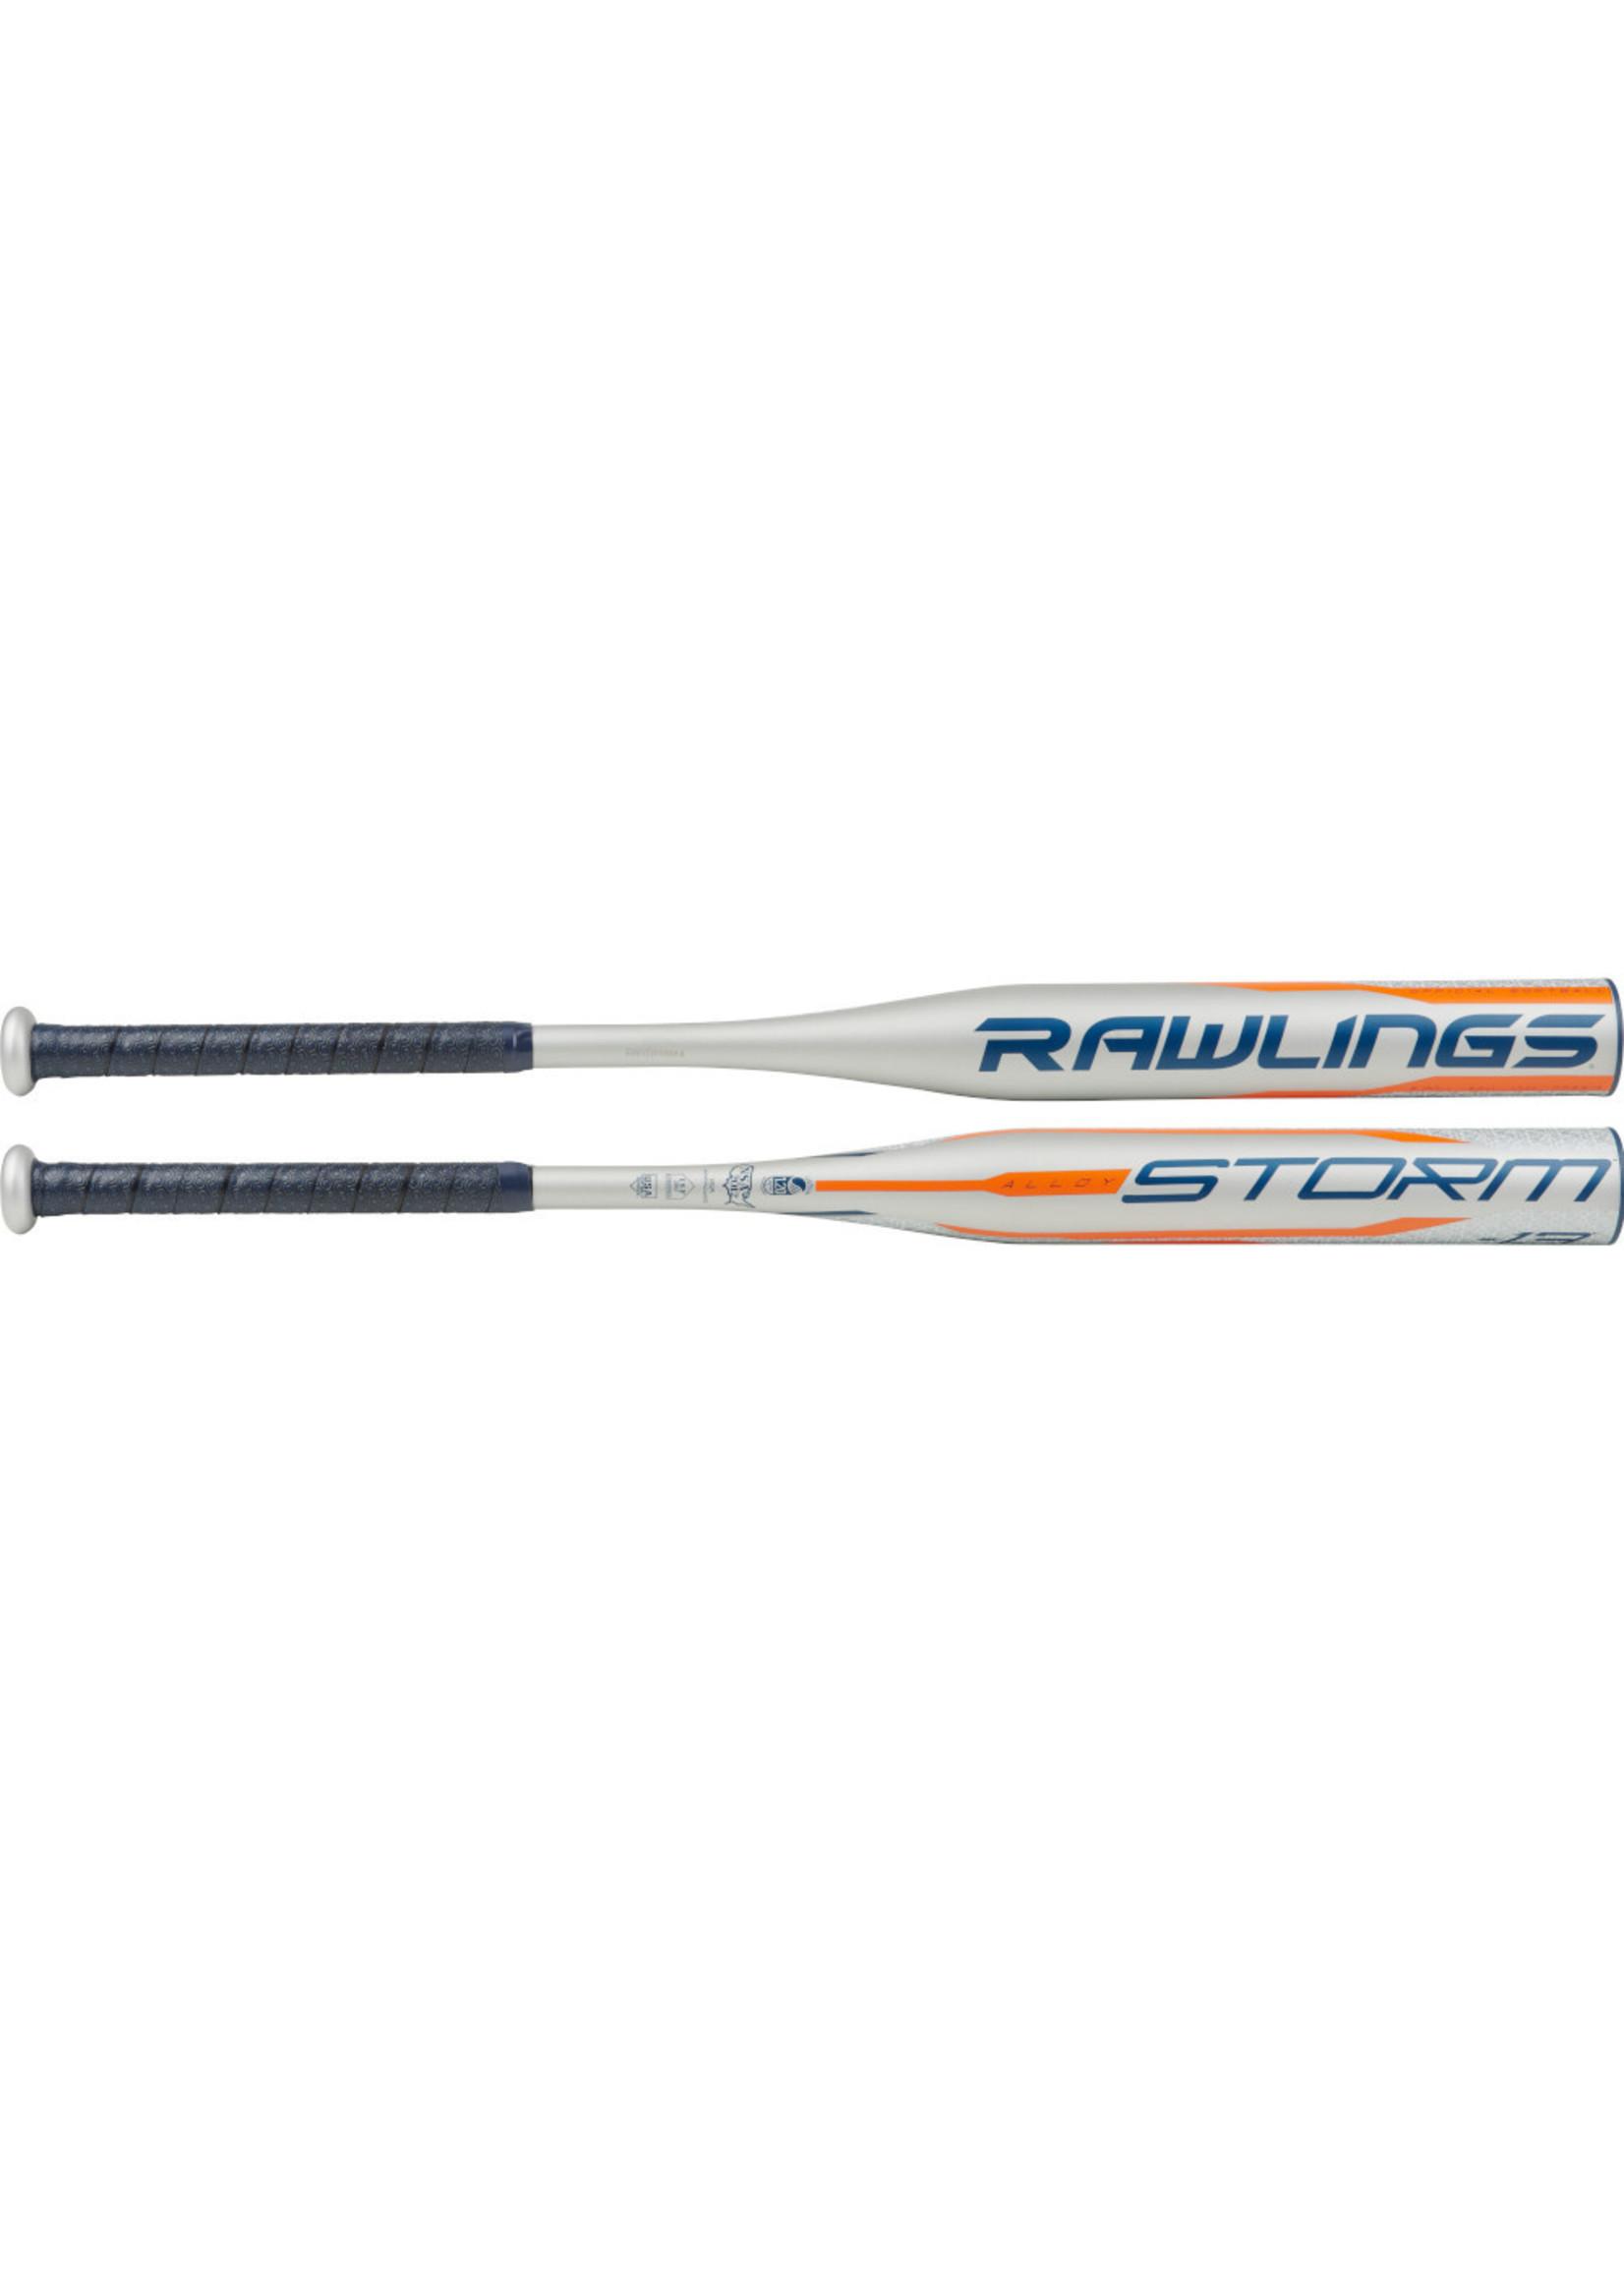 Rawlings RAWLINGS STORM ALLOY 2 1/4'' (-13) FASTPITCH BAT